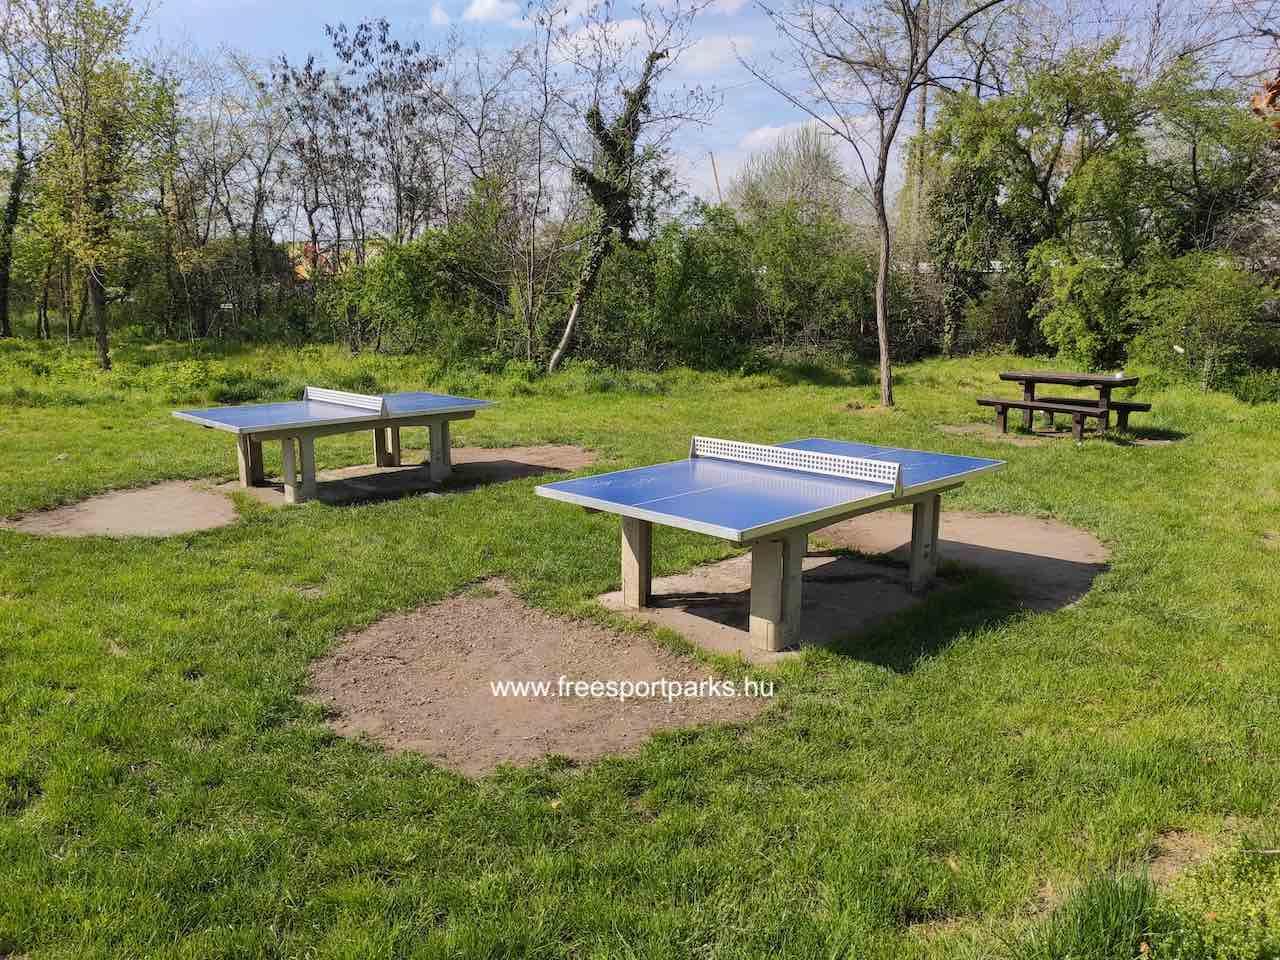 Kúttói parkerdő ping-pong asztalok - Free Sport Parks térkép